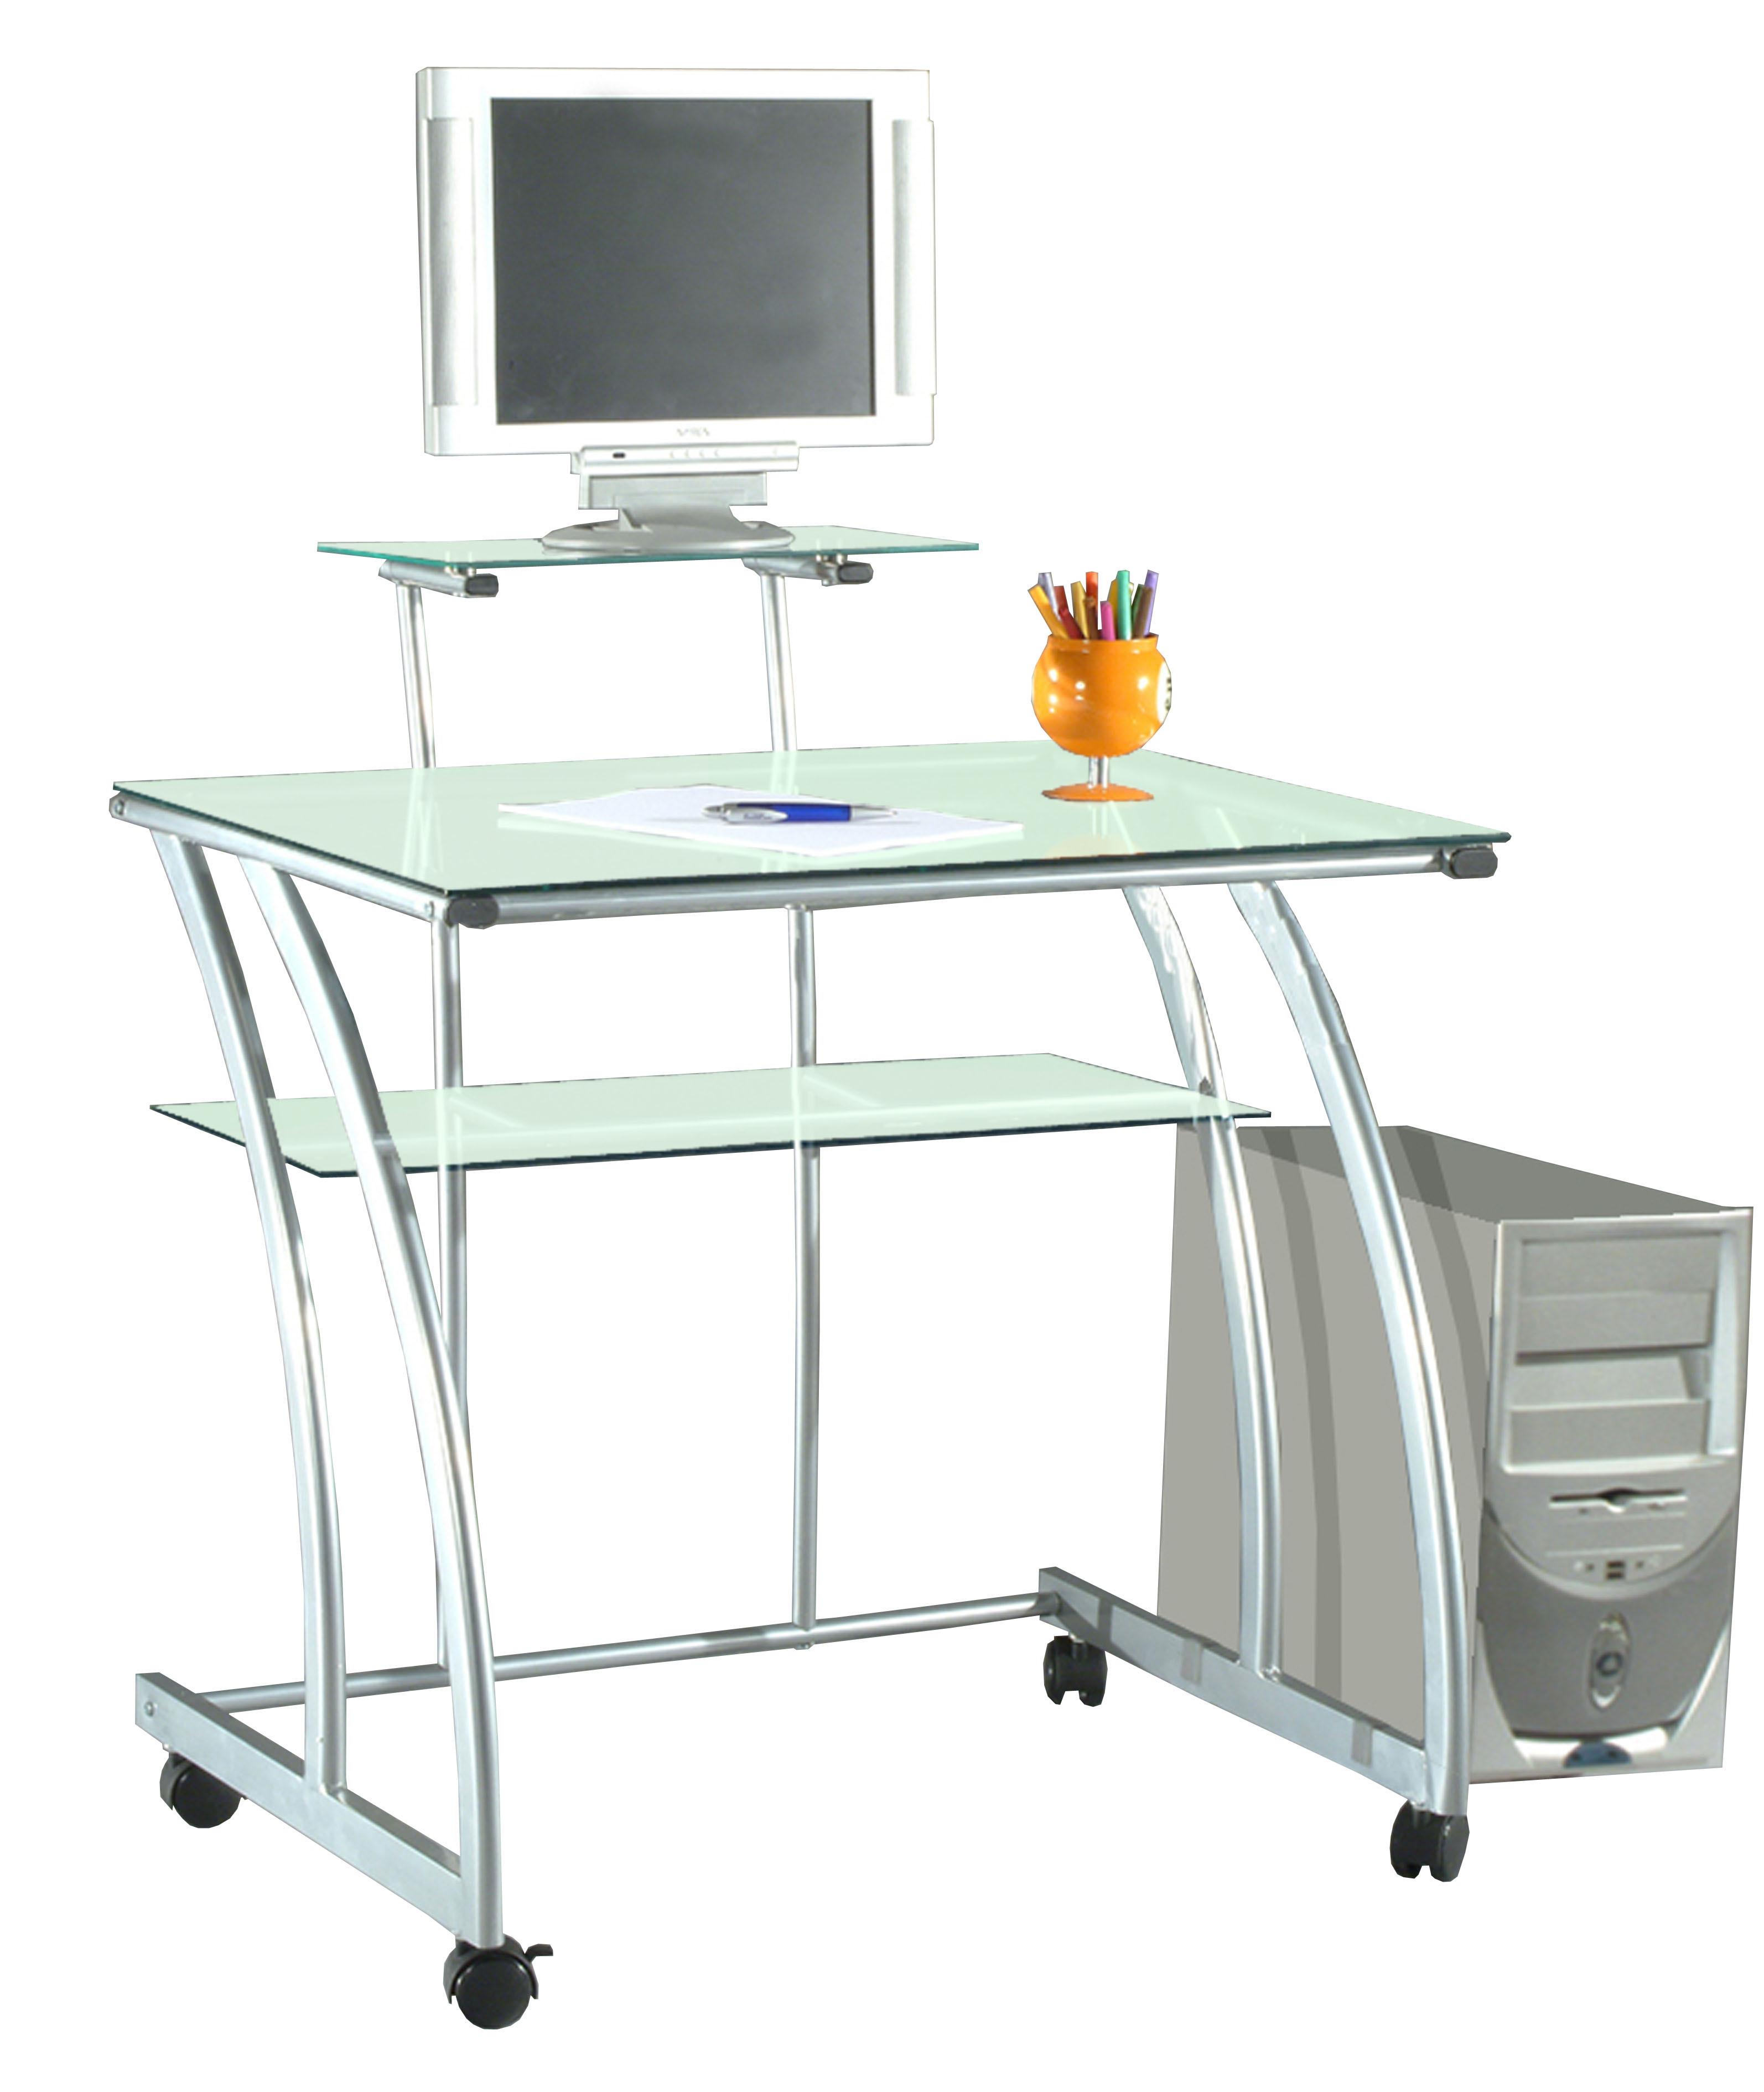 fondo de escritorio con movimiento